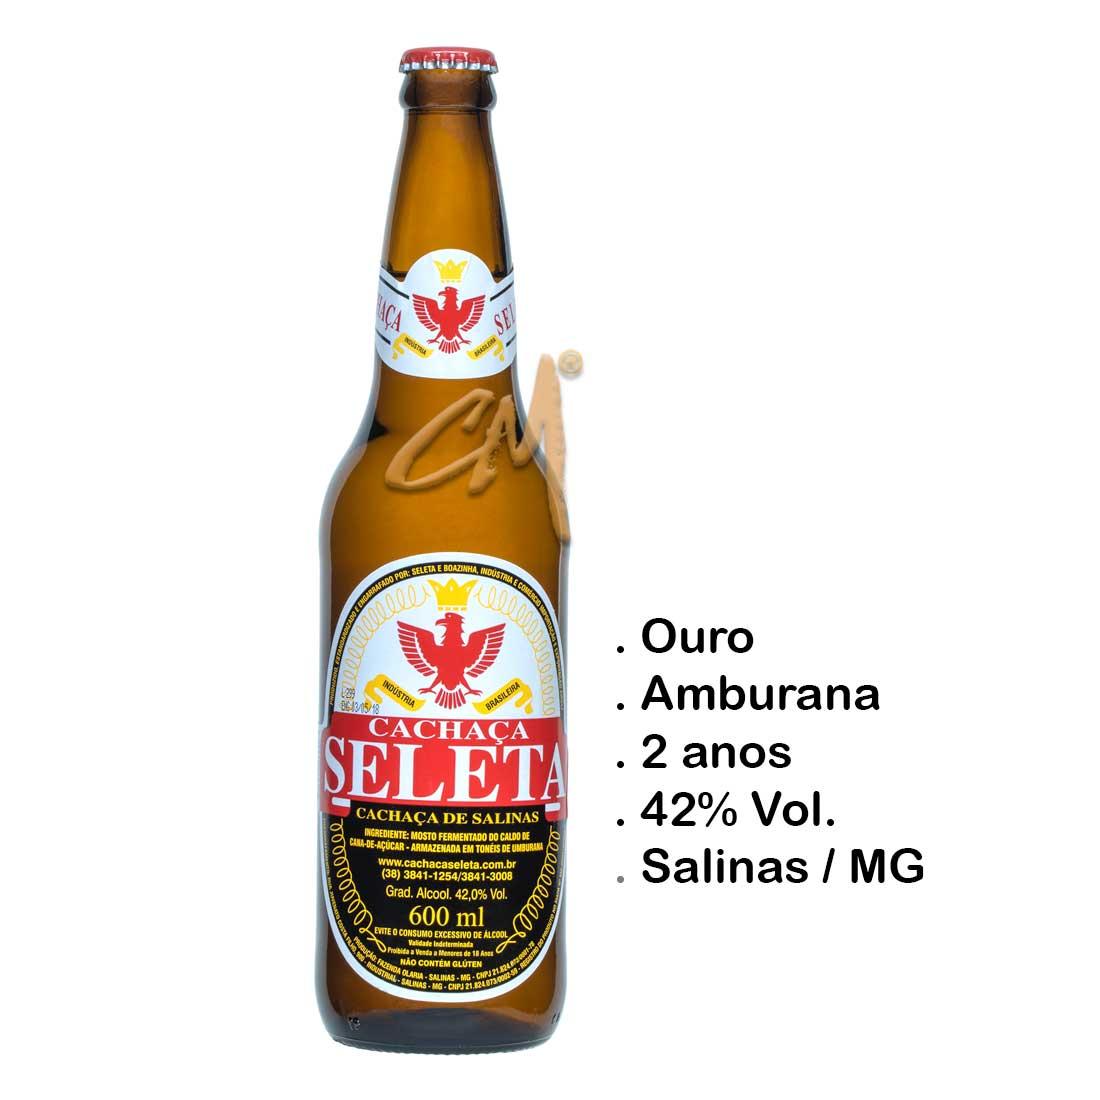 Cachaça Seleta 600 ml (Salinas - MG)